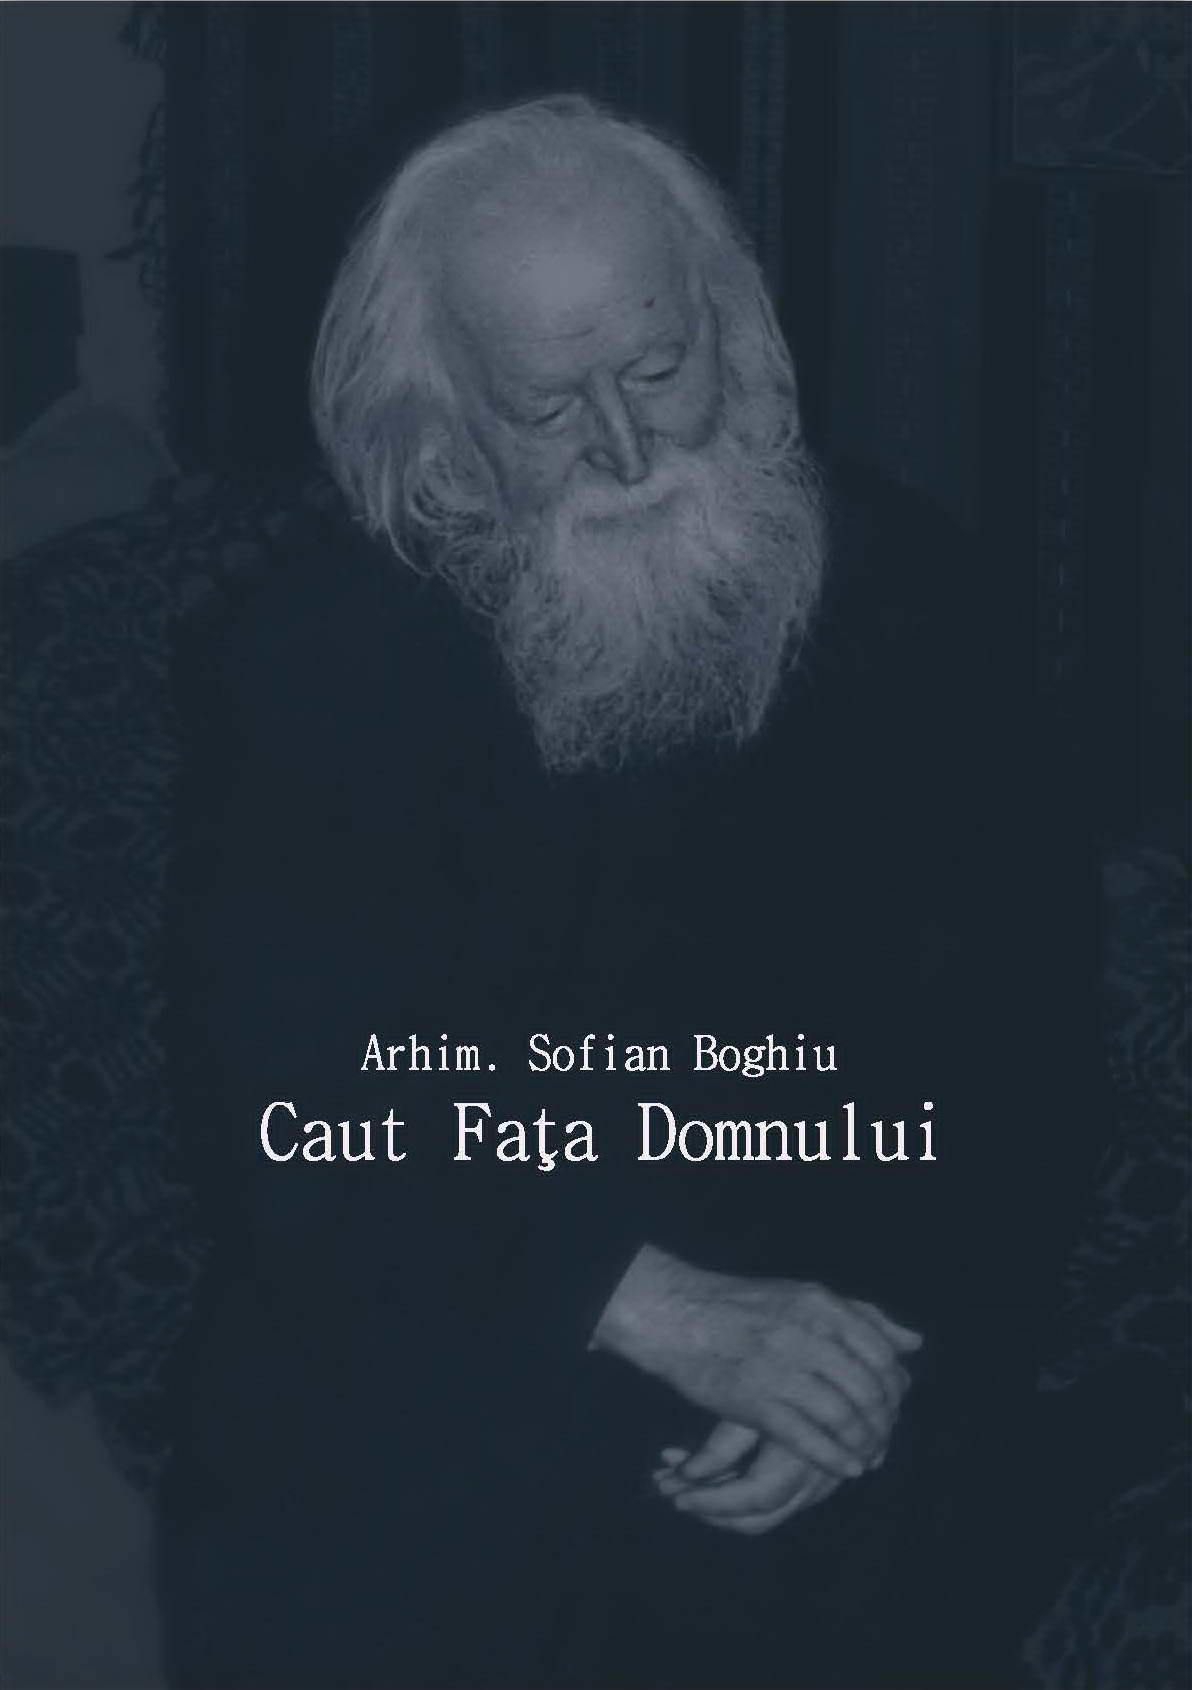 Caut Fata Domnului de Arhim Sofian Boghiu